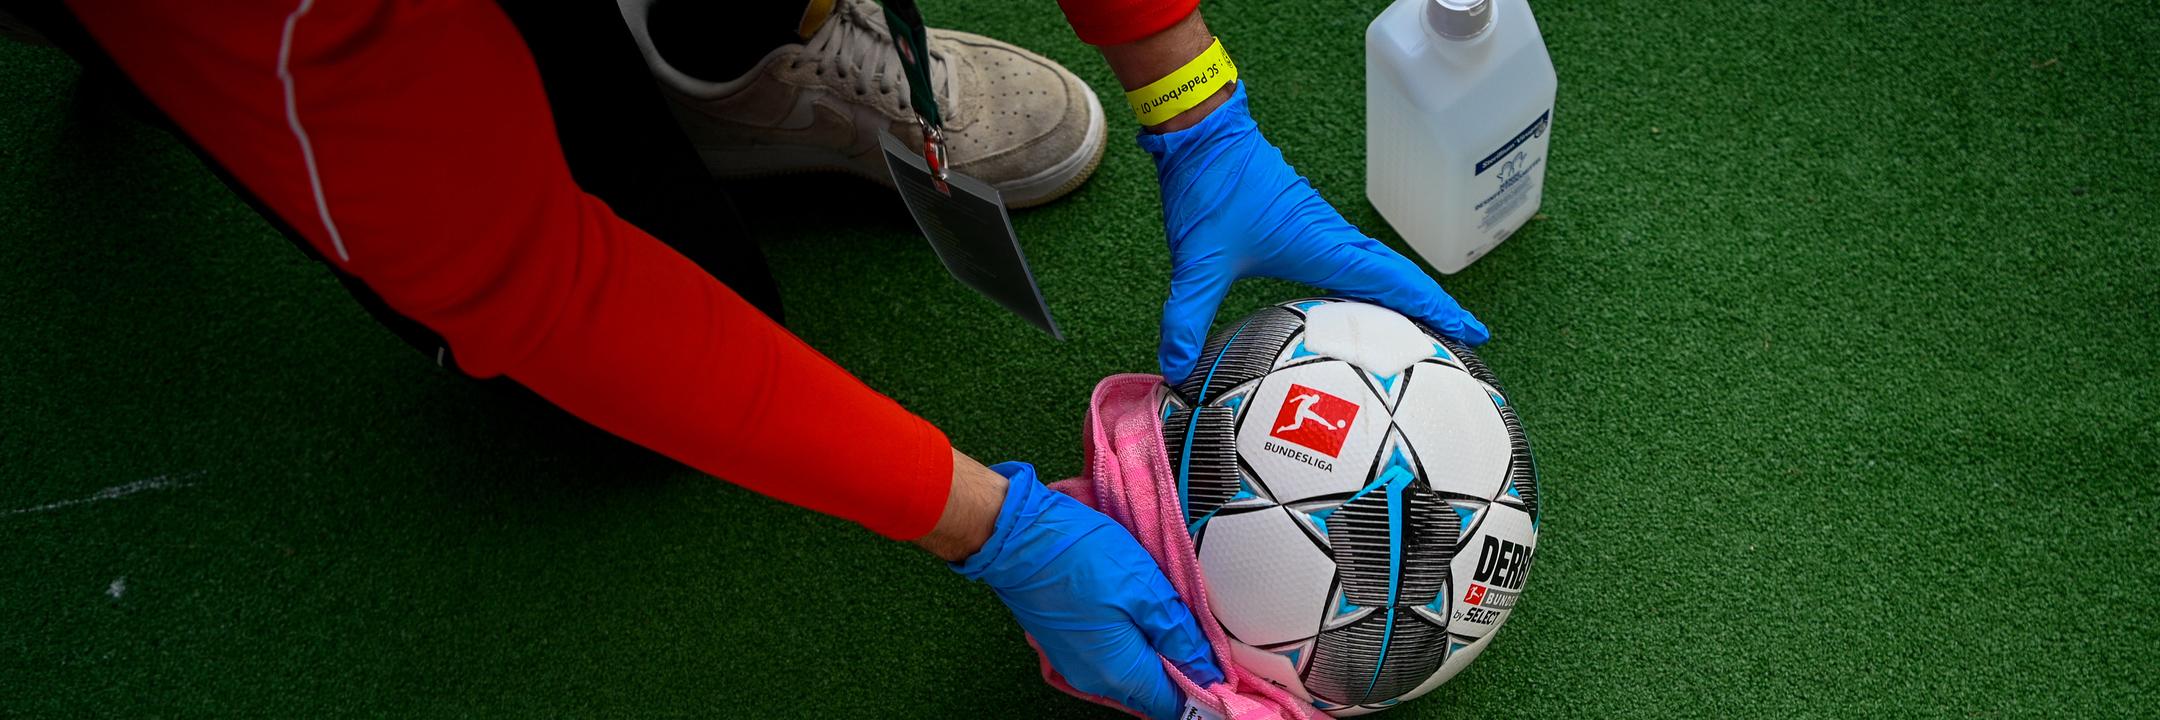 Máscaras nos bancos, desinfeção de bolas e silêncio ensurdecedor. Quais as regras para o reinício da I Liga?